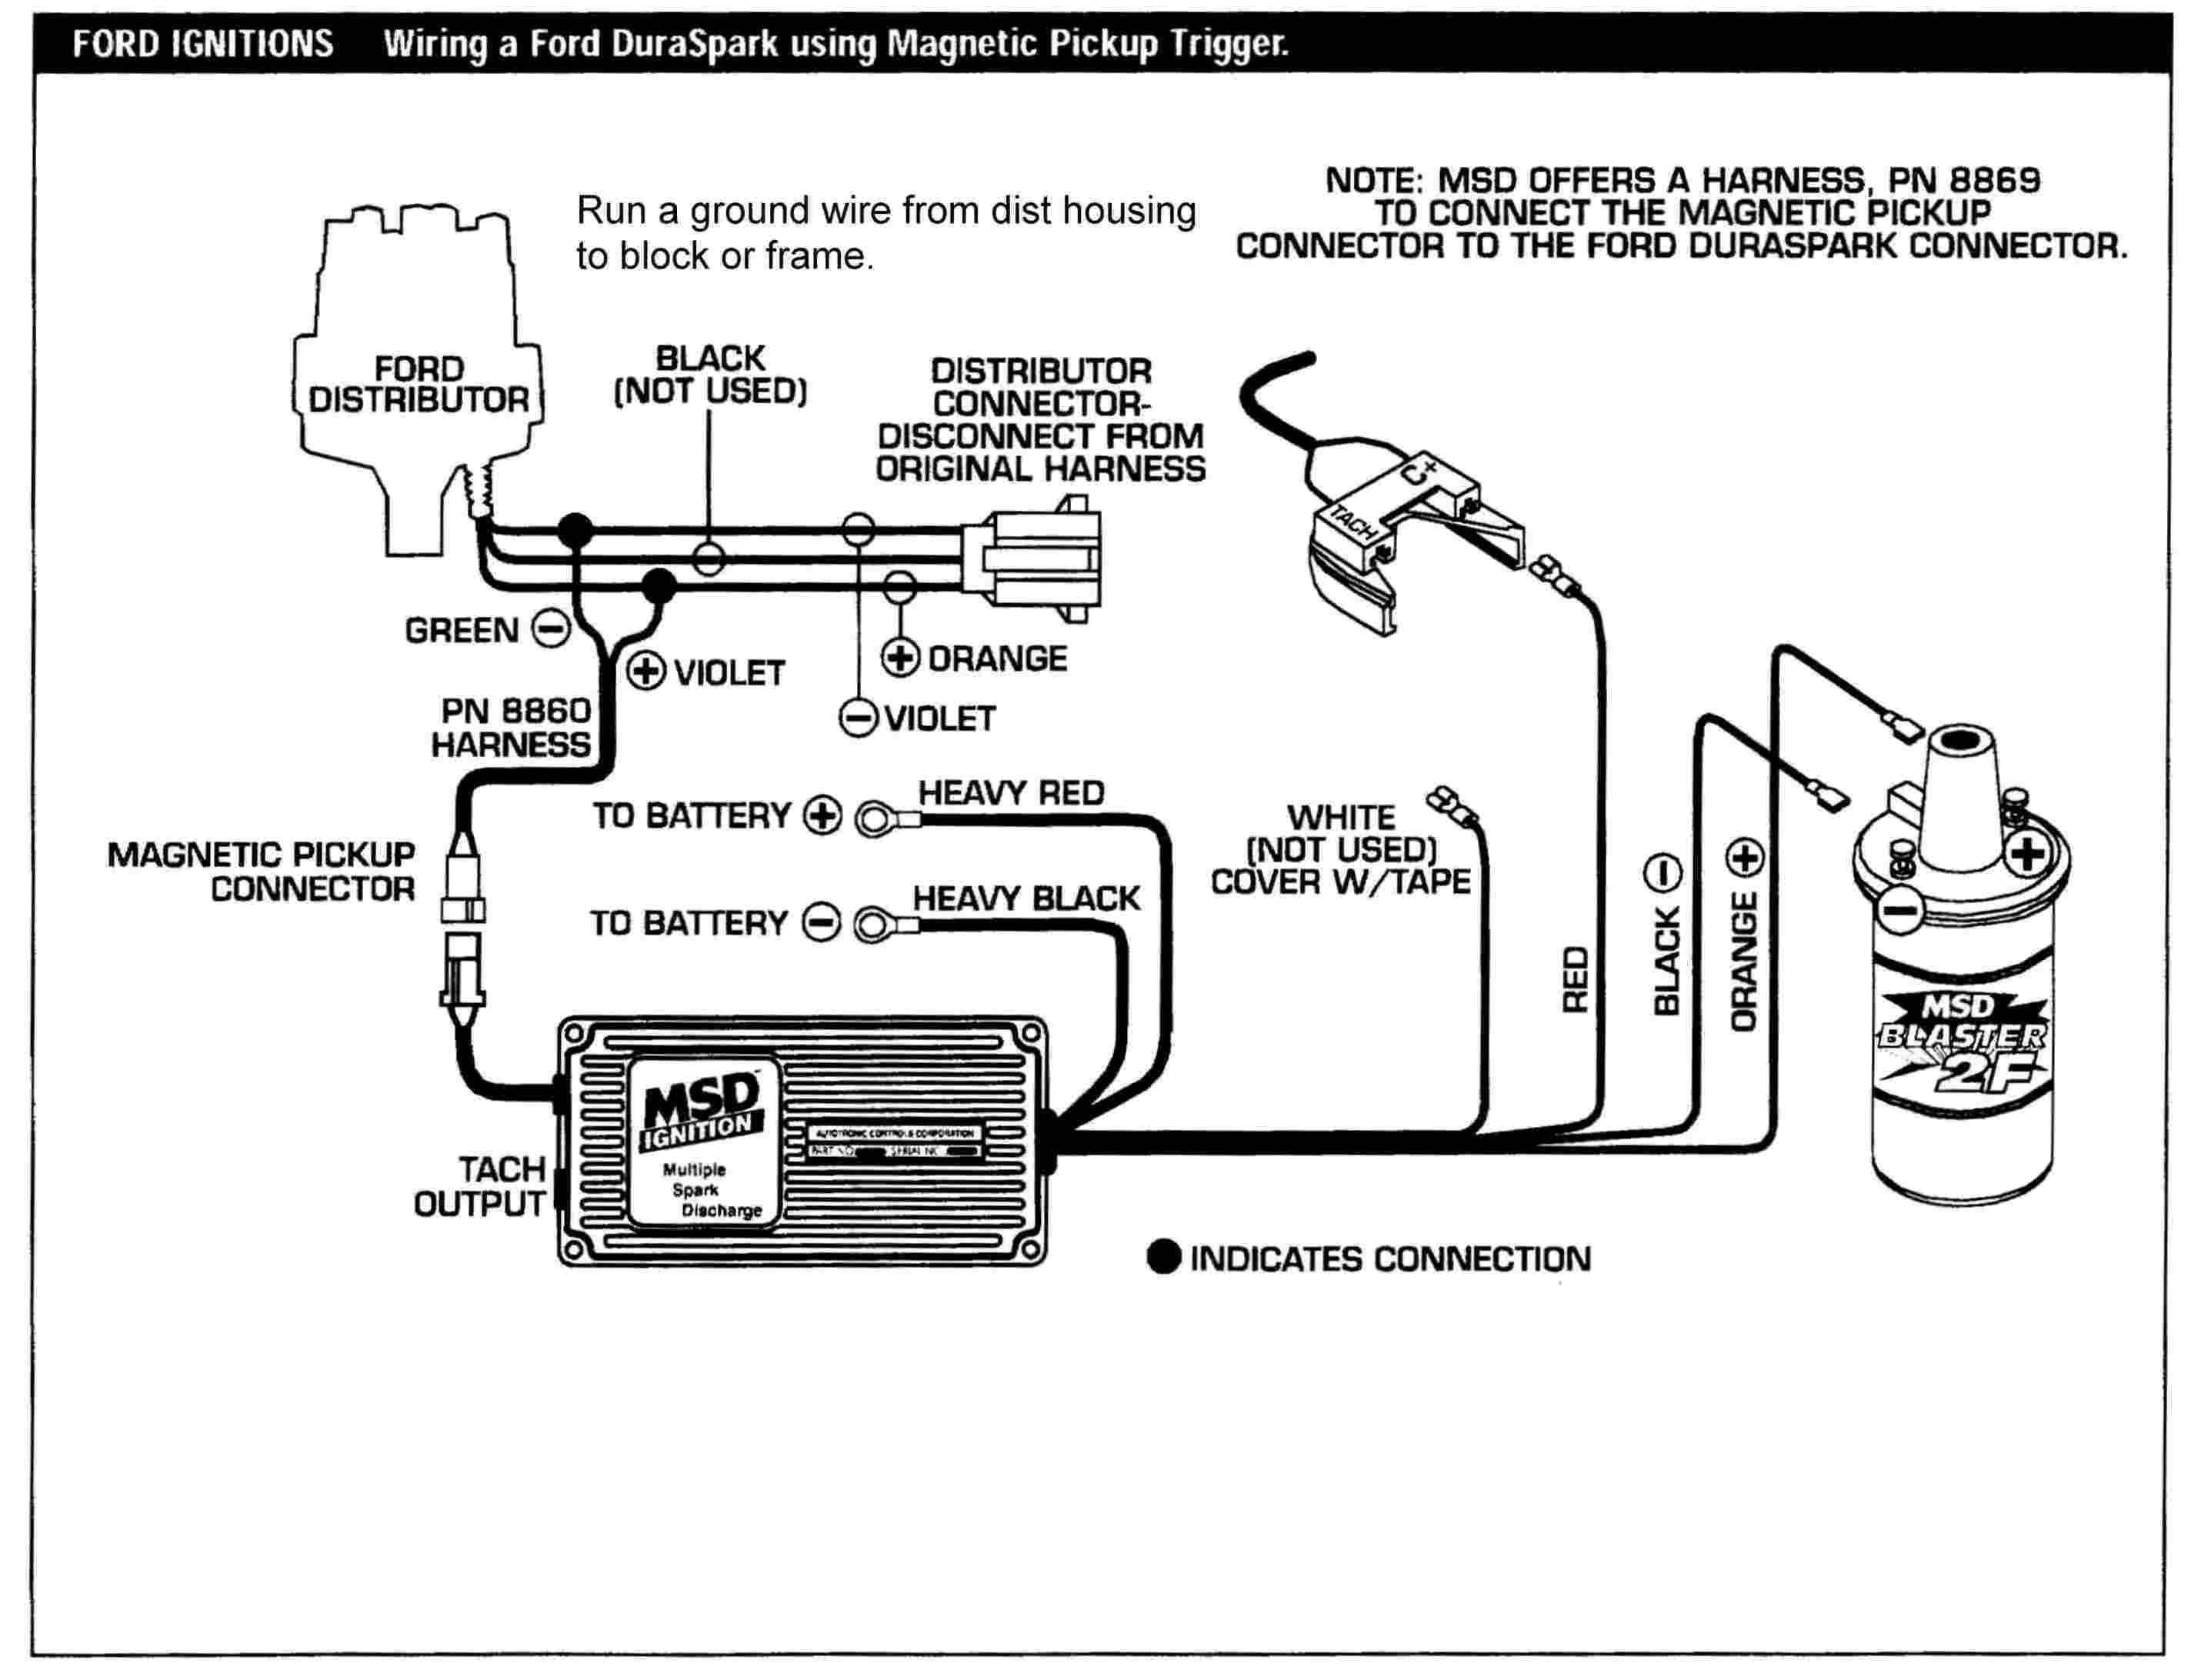 Gm Points Coil Wiring Diagram - 1988 Ford F150 Radio Wiring Diagram for Wiring  Diagram SchematicsWiring Diagram Schematics